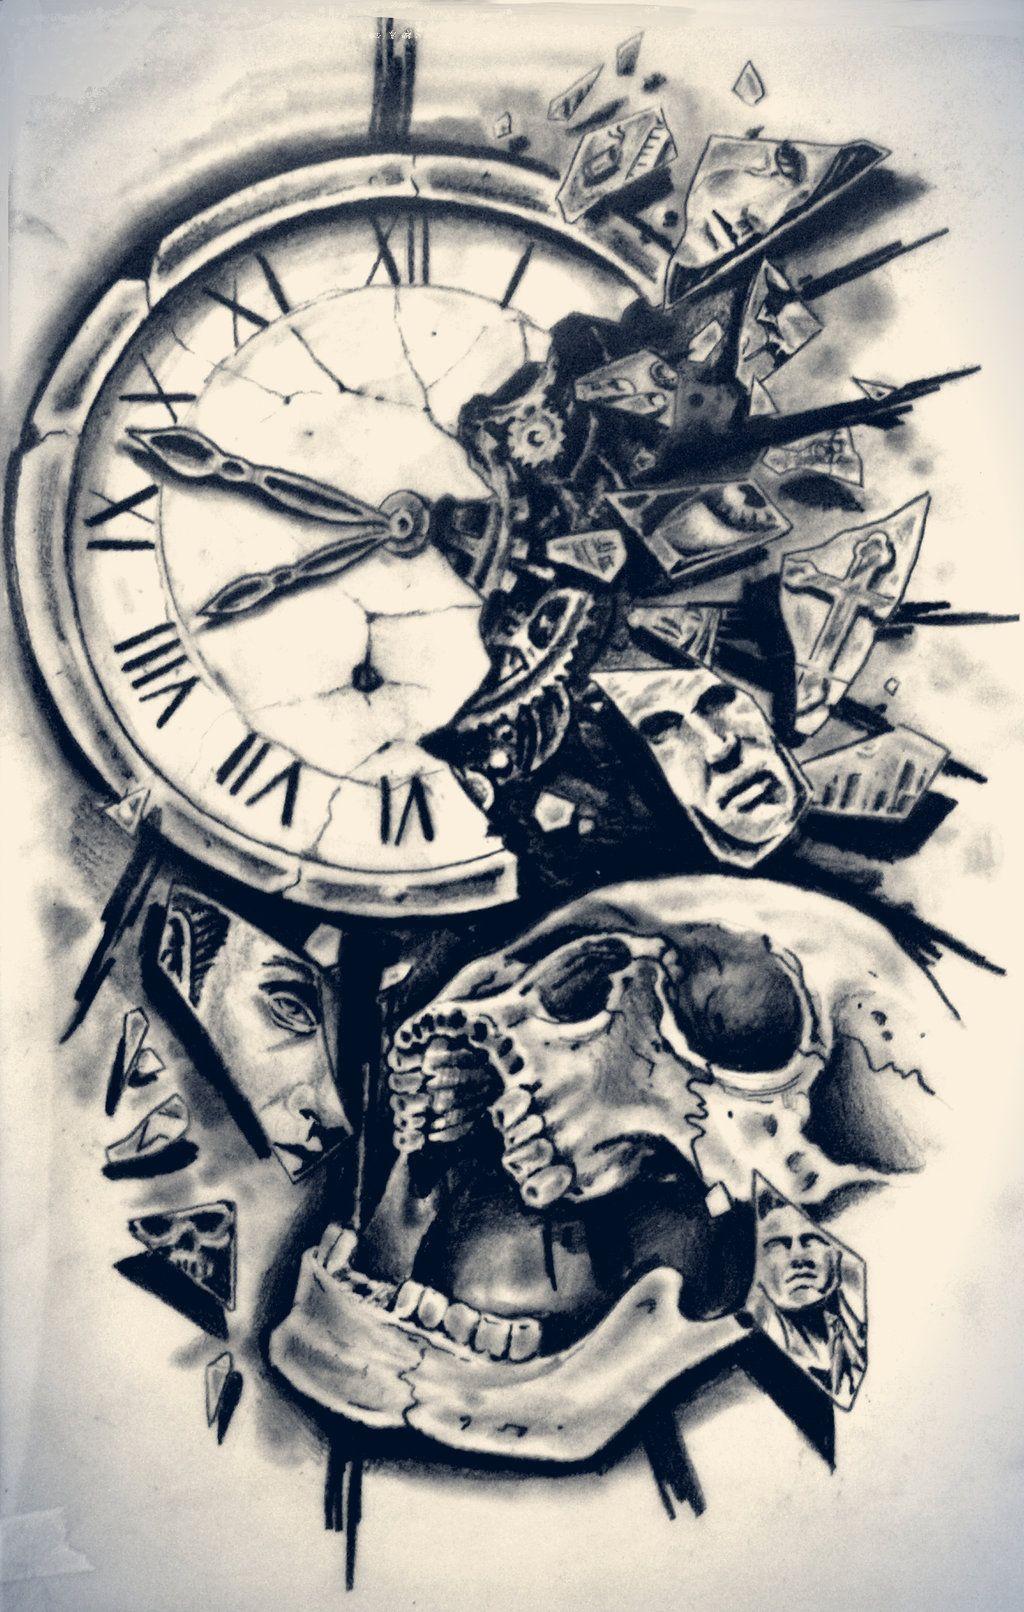 Time By Karlinoboy On Deviantart Clock Tattoo Clock Tattoo Design Tattoo Designs